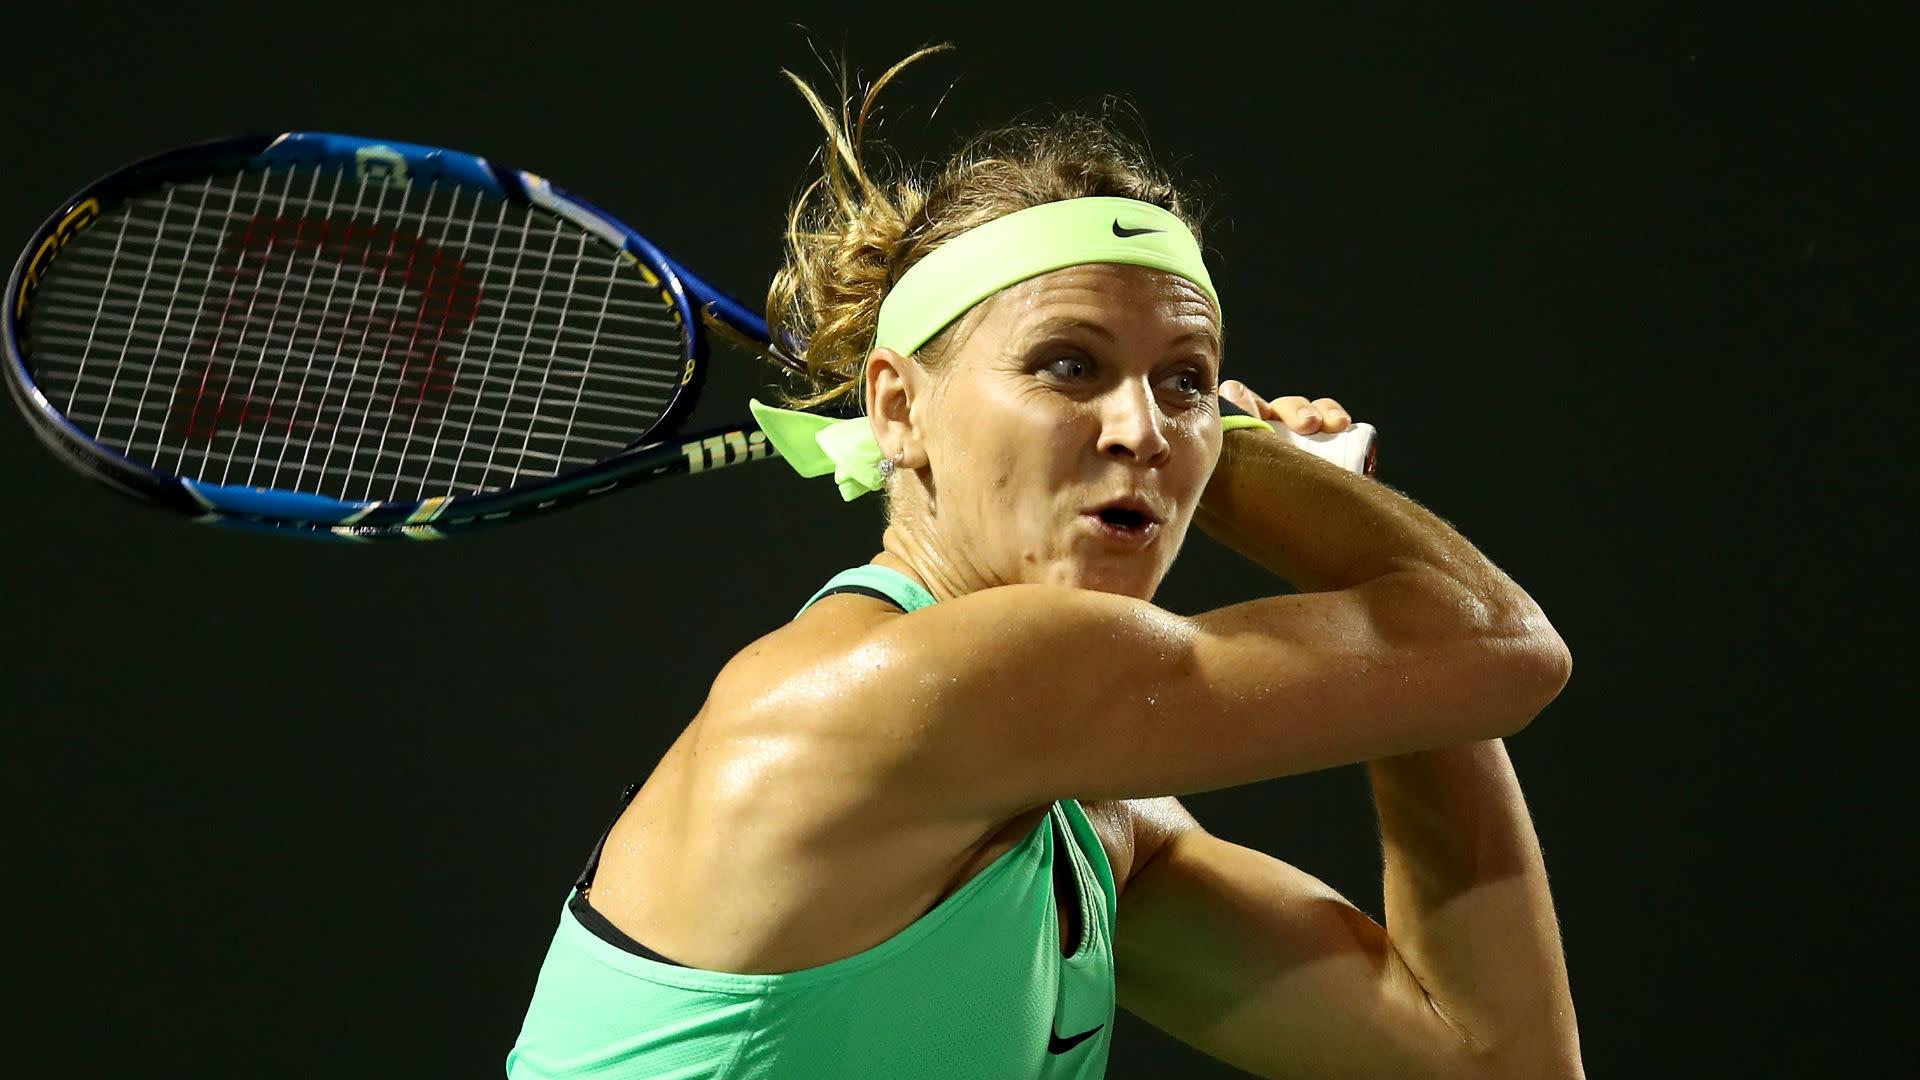 Tennis: Defending champion Safarova out through illness as ...